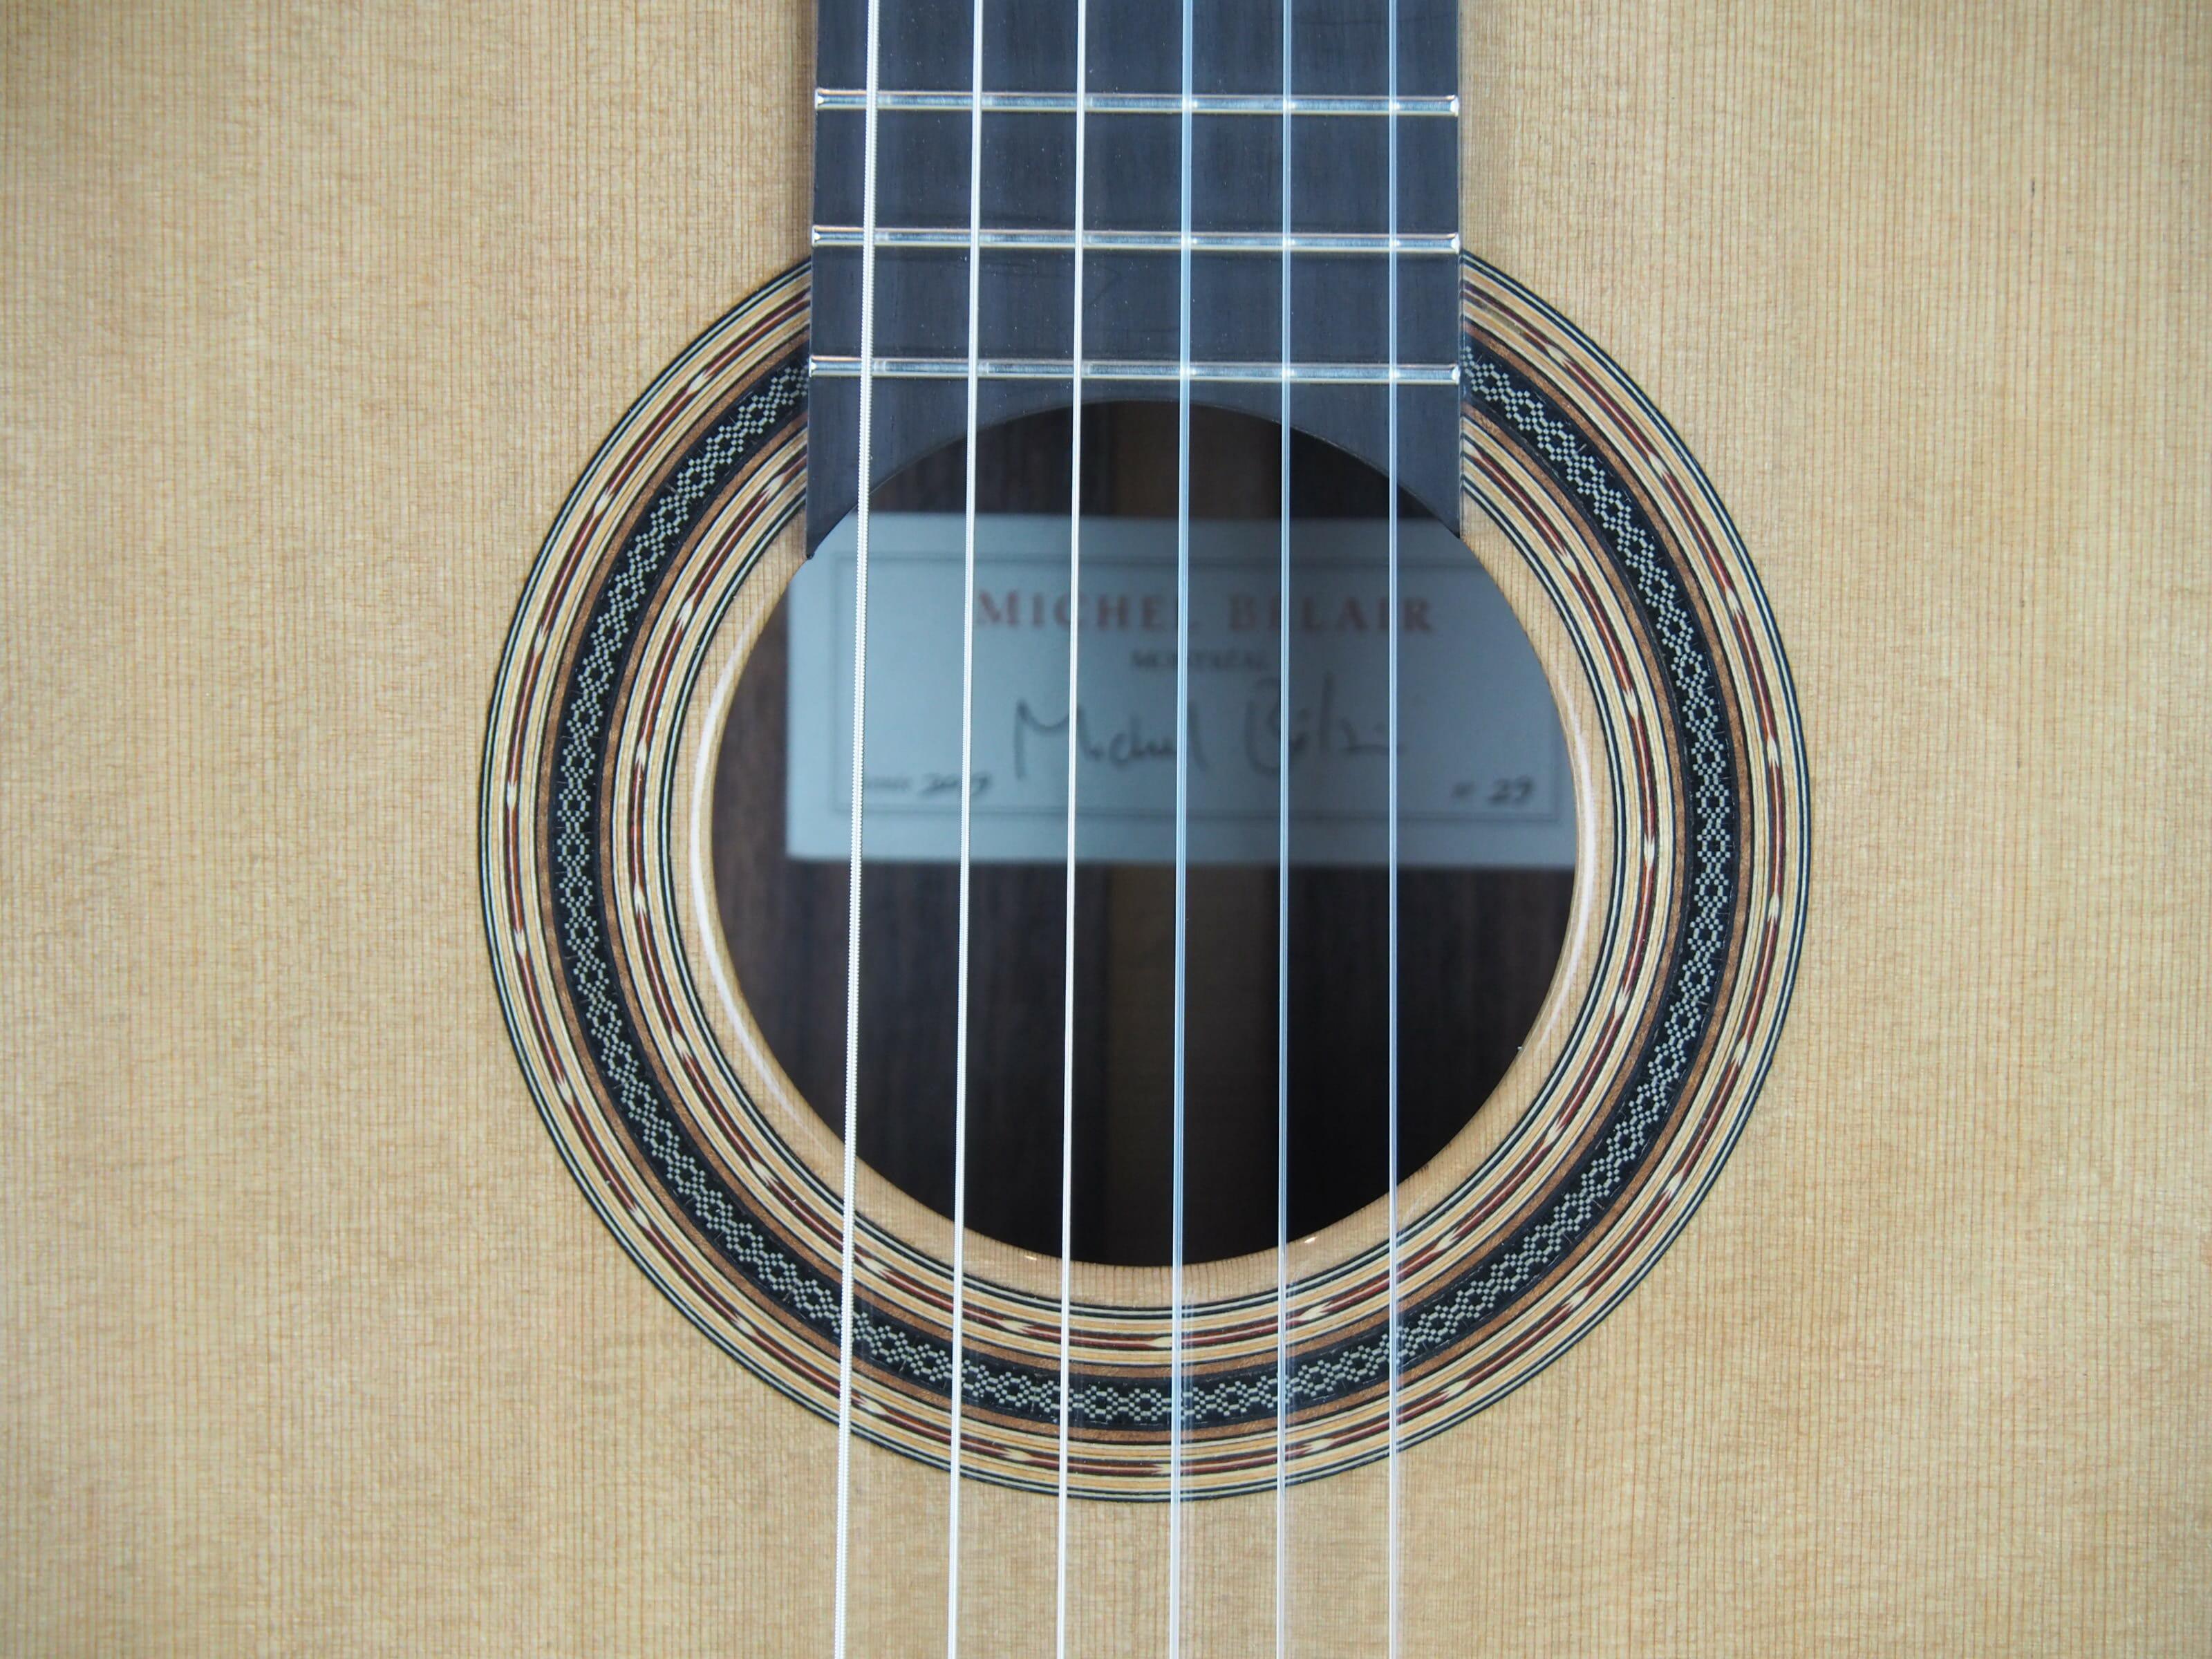 Michel Belair luthier guitare classique 2019 19BEL019-08